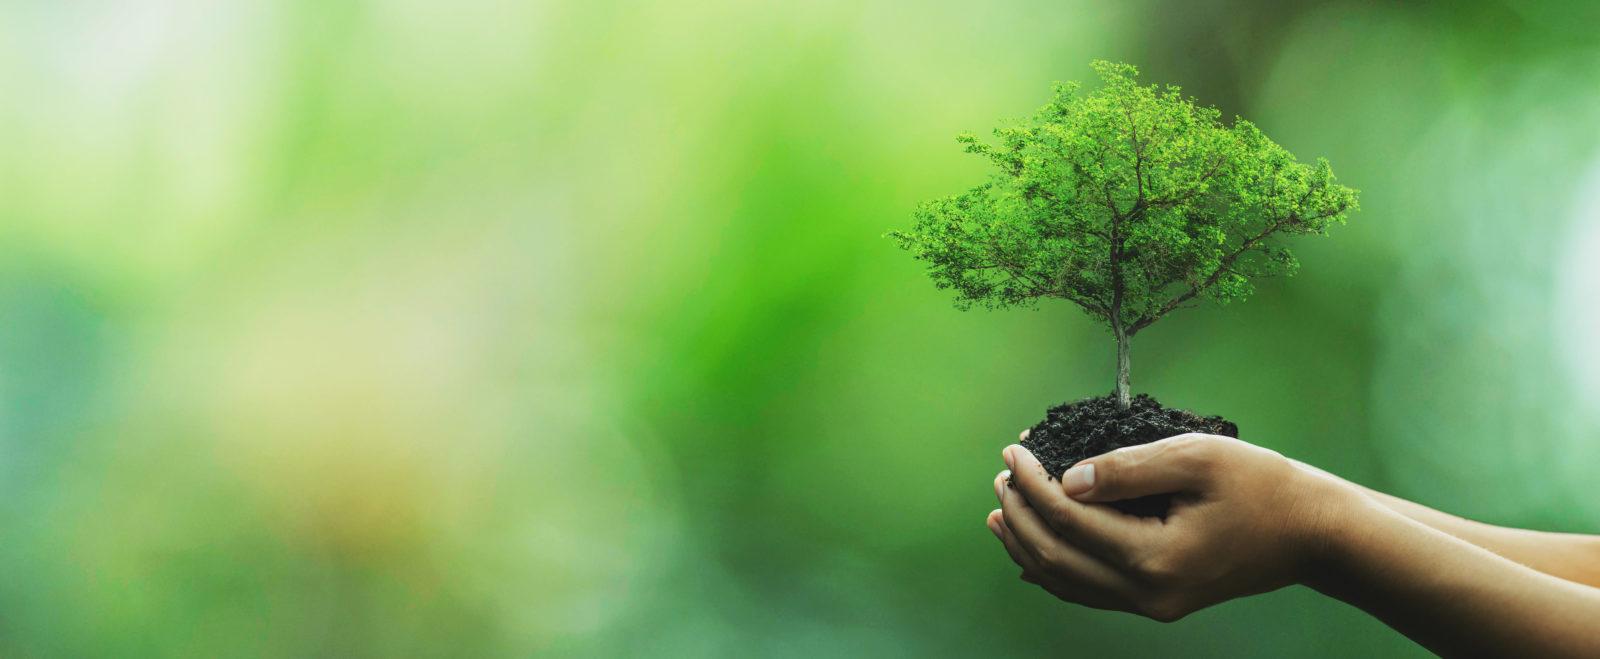 Plante i hånden